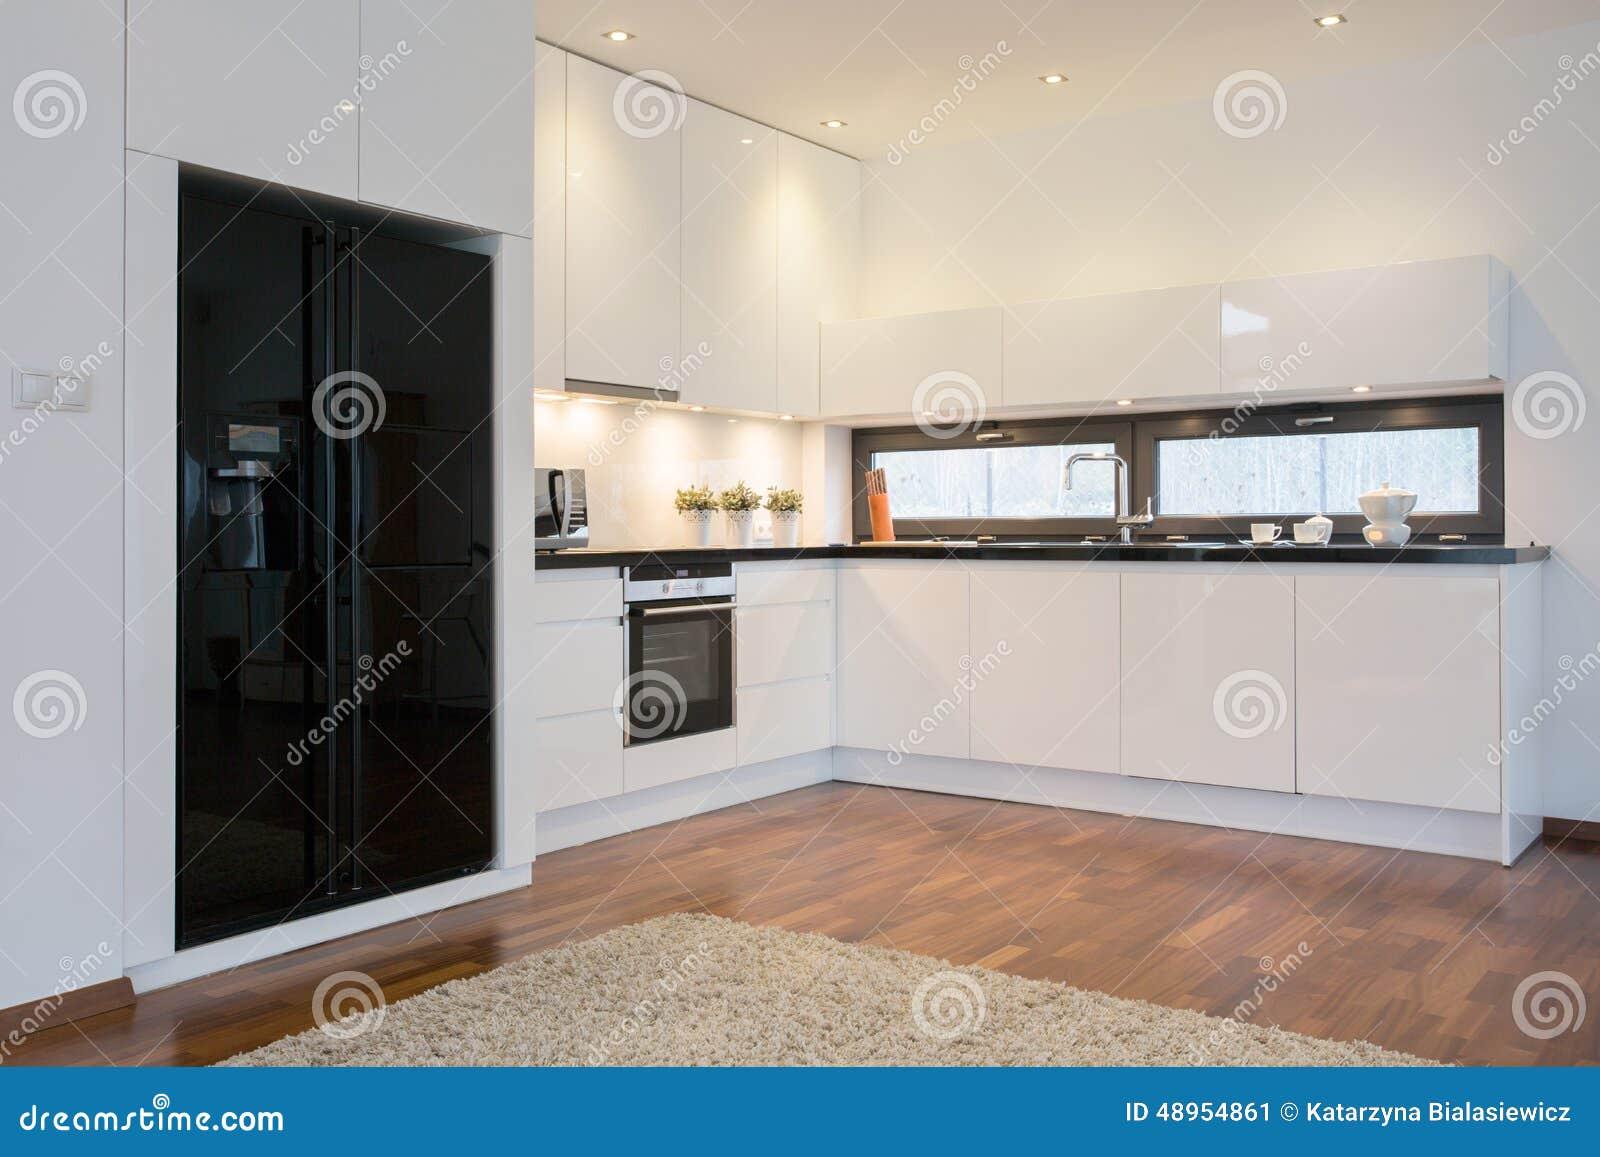 Réfrigérateur Noir Dans La Cuisine Lumineuse Image stock - Image ...